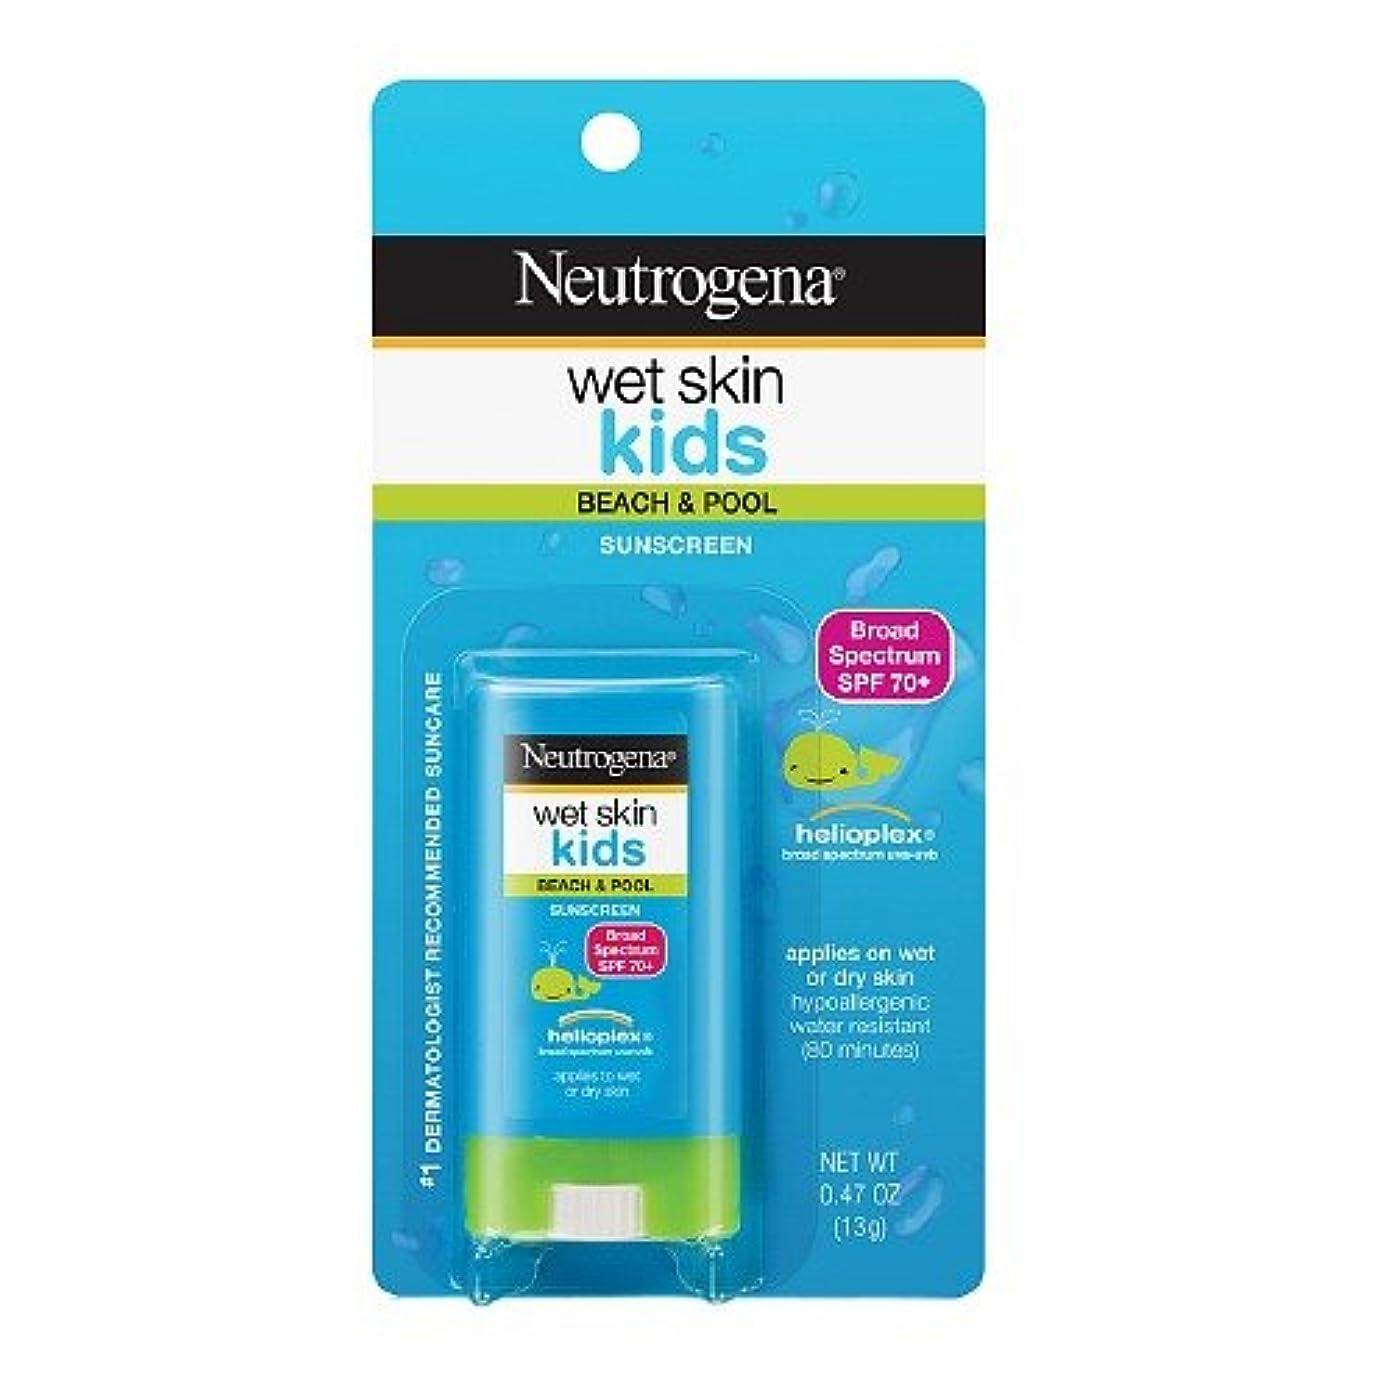 薬剤師レーザ後継Neutrogena ニュートロジーナオイル無ウェットスキンキッズ日焼け止めスティック SPF70 13g 並行輸入品